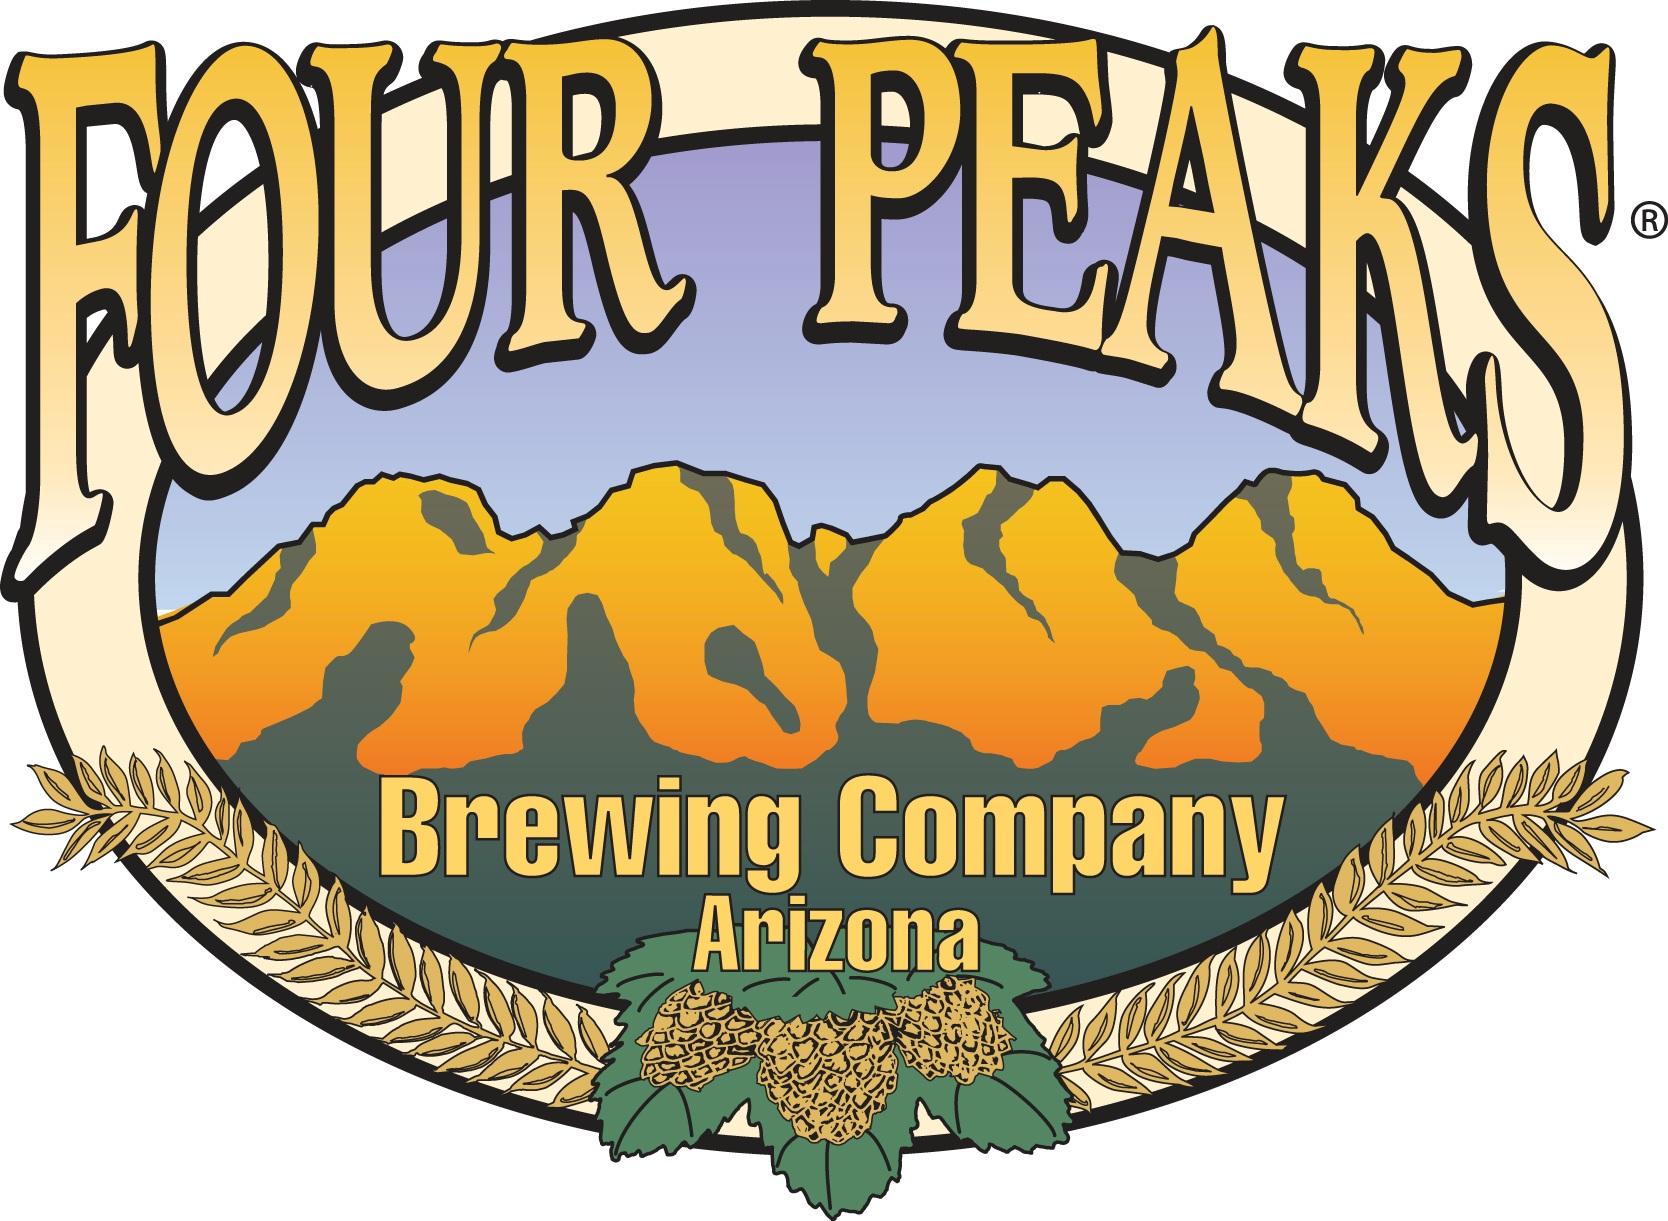 1668x1221 Arizona Beer Week 2018 Four Peaks Girl Scout Cookie And Beer